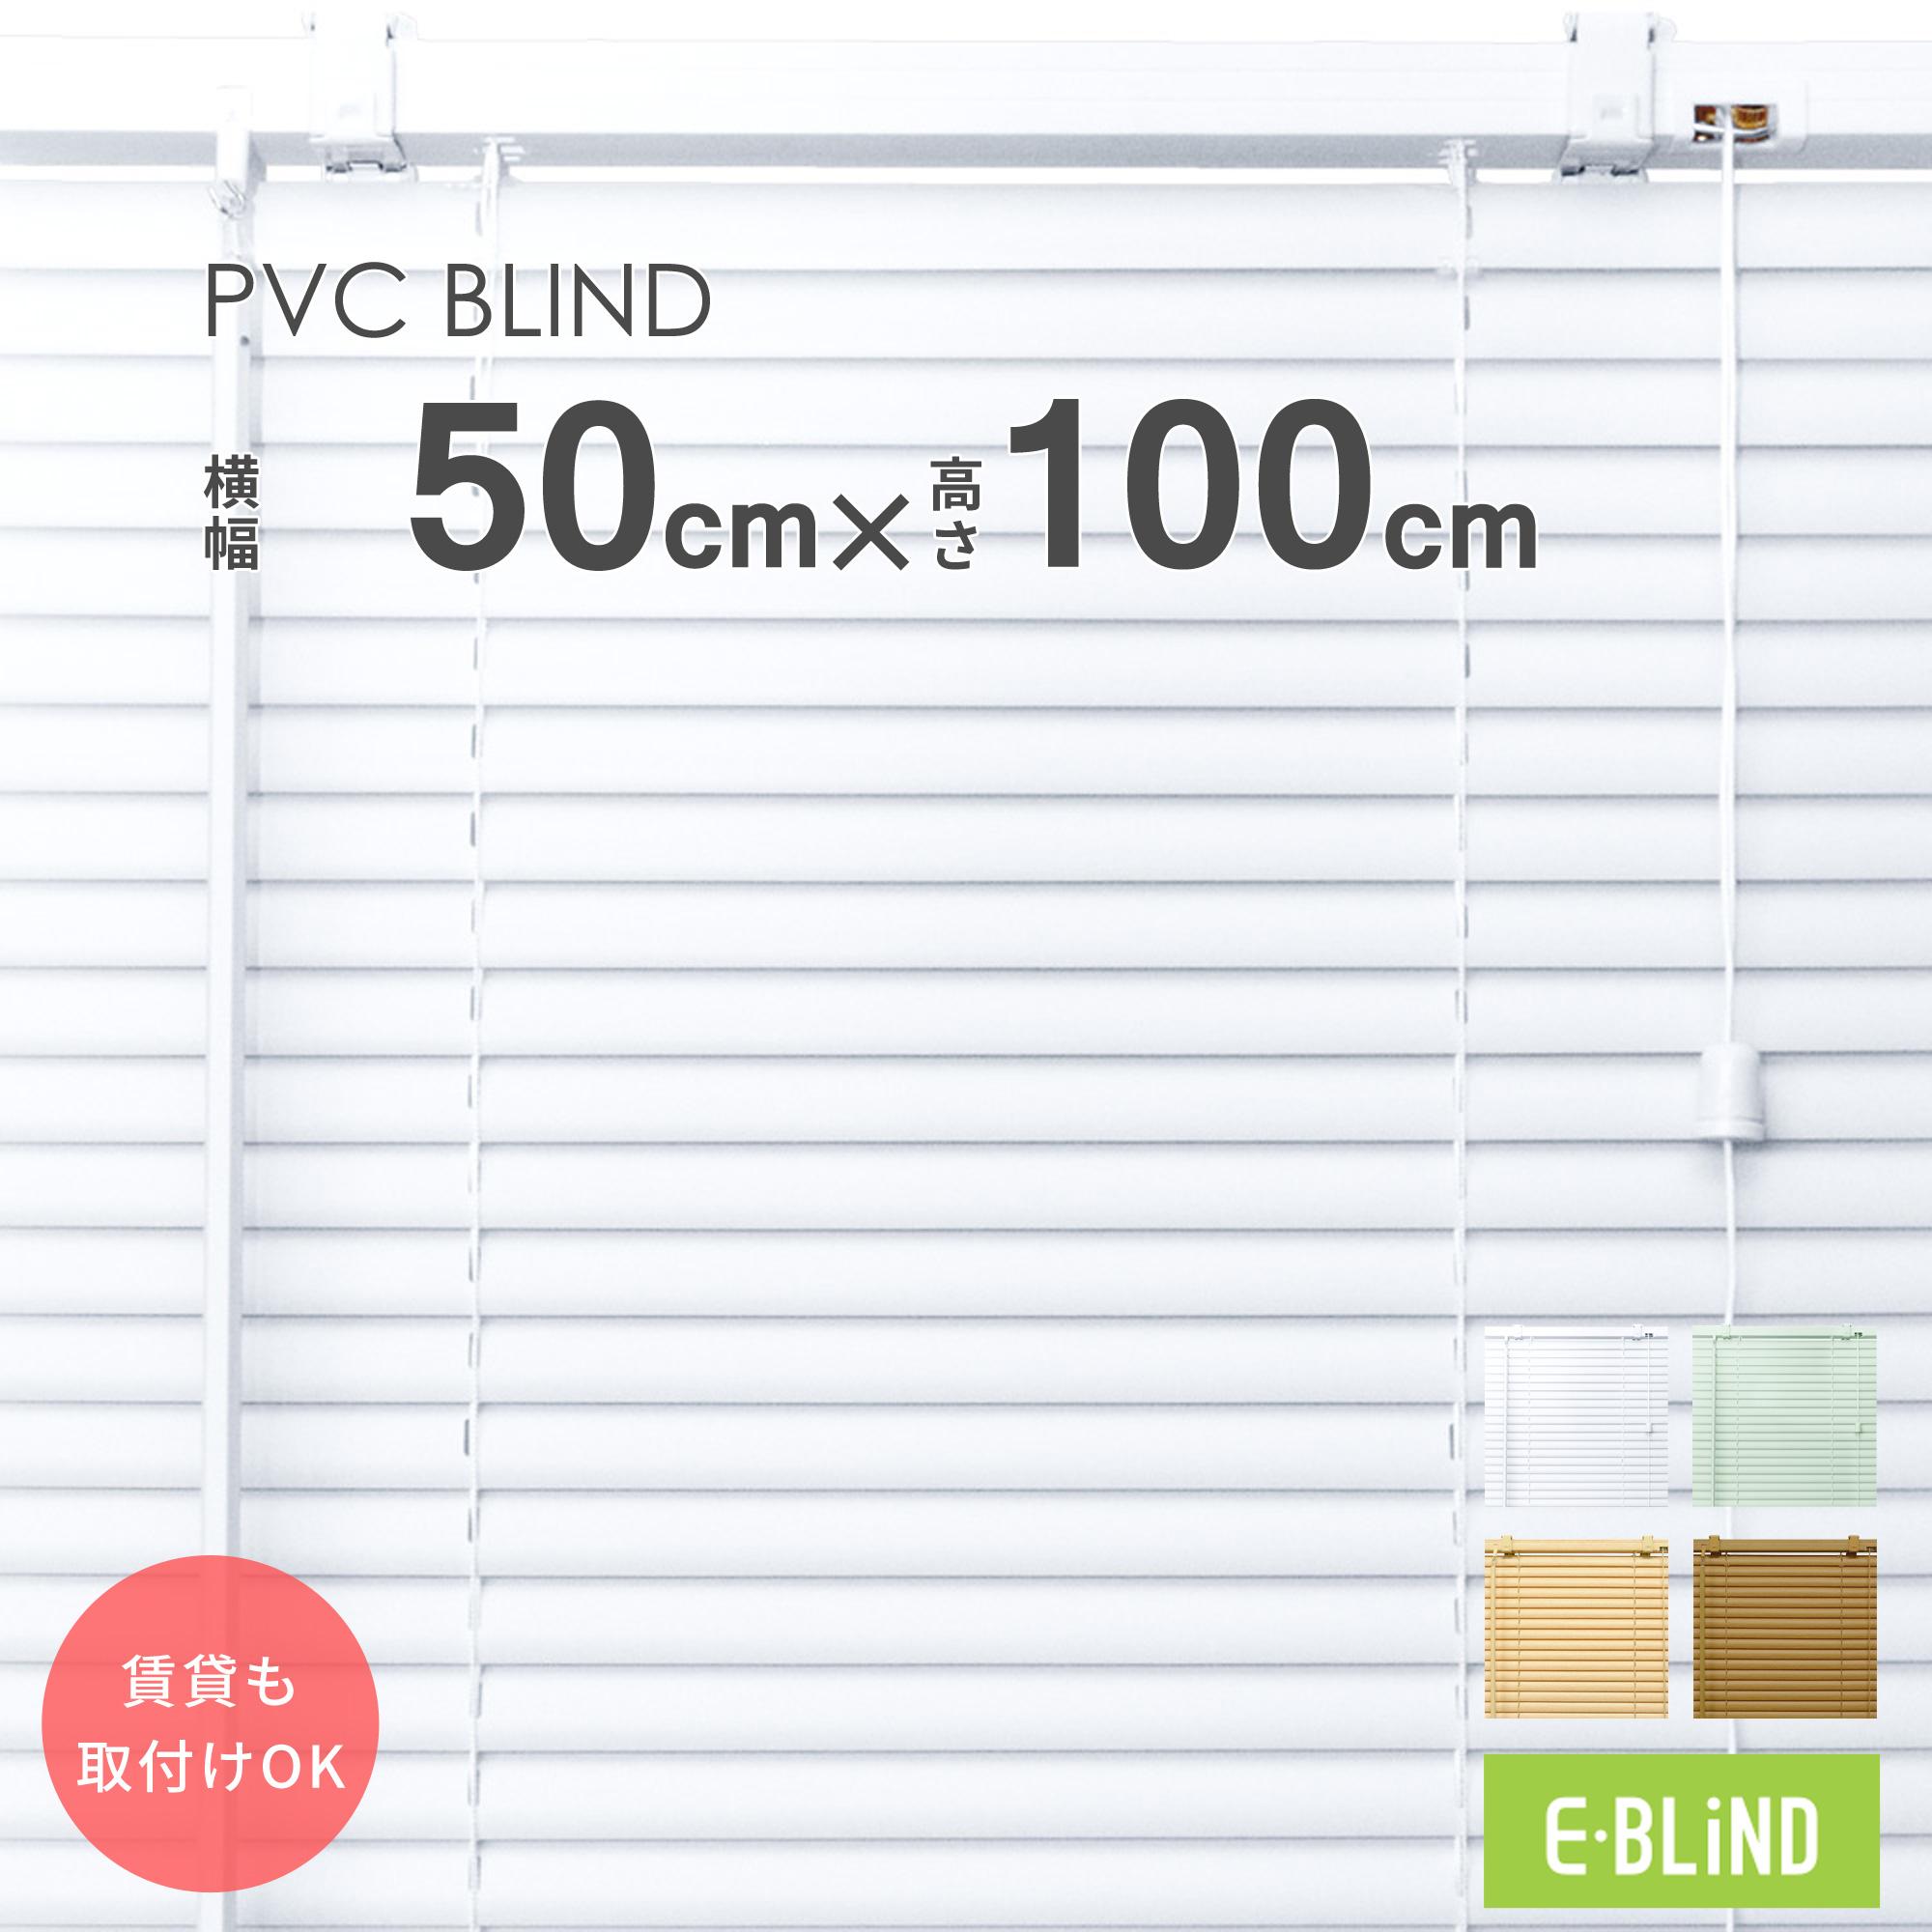 横幅50cm 高さ100cm 30サイズから選べるPVCブラインド E-BLiND 1着でも送料無料 ブラインド プラスチック 既製サイズ 取り付け可能 幅50cm カーテンレール イージーブラインド 登場大人気アイテム PVCブラインド 賃貸